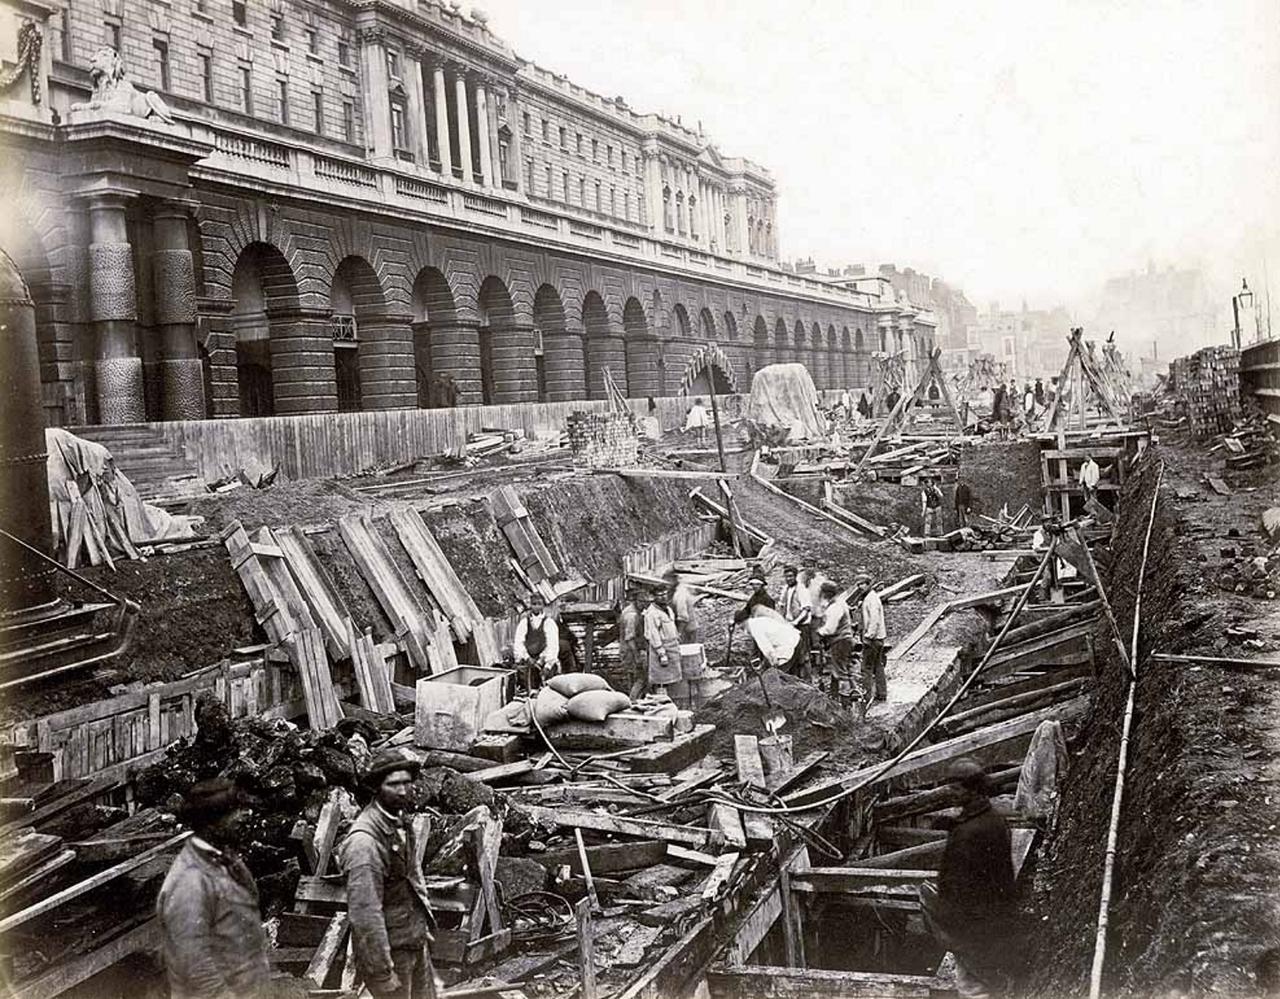 1869. Строительство линии Дистрикт возле Сомерсет-Хауса